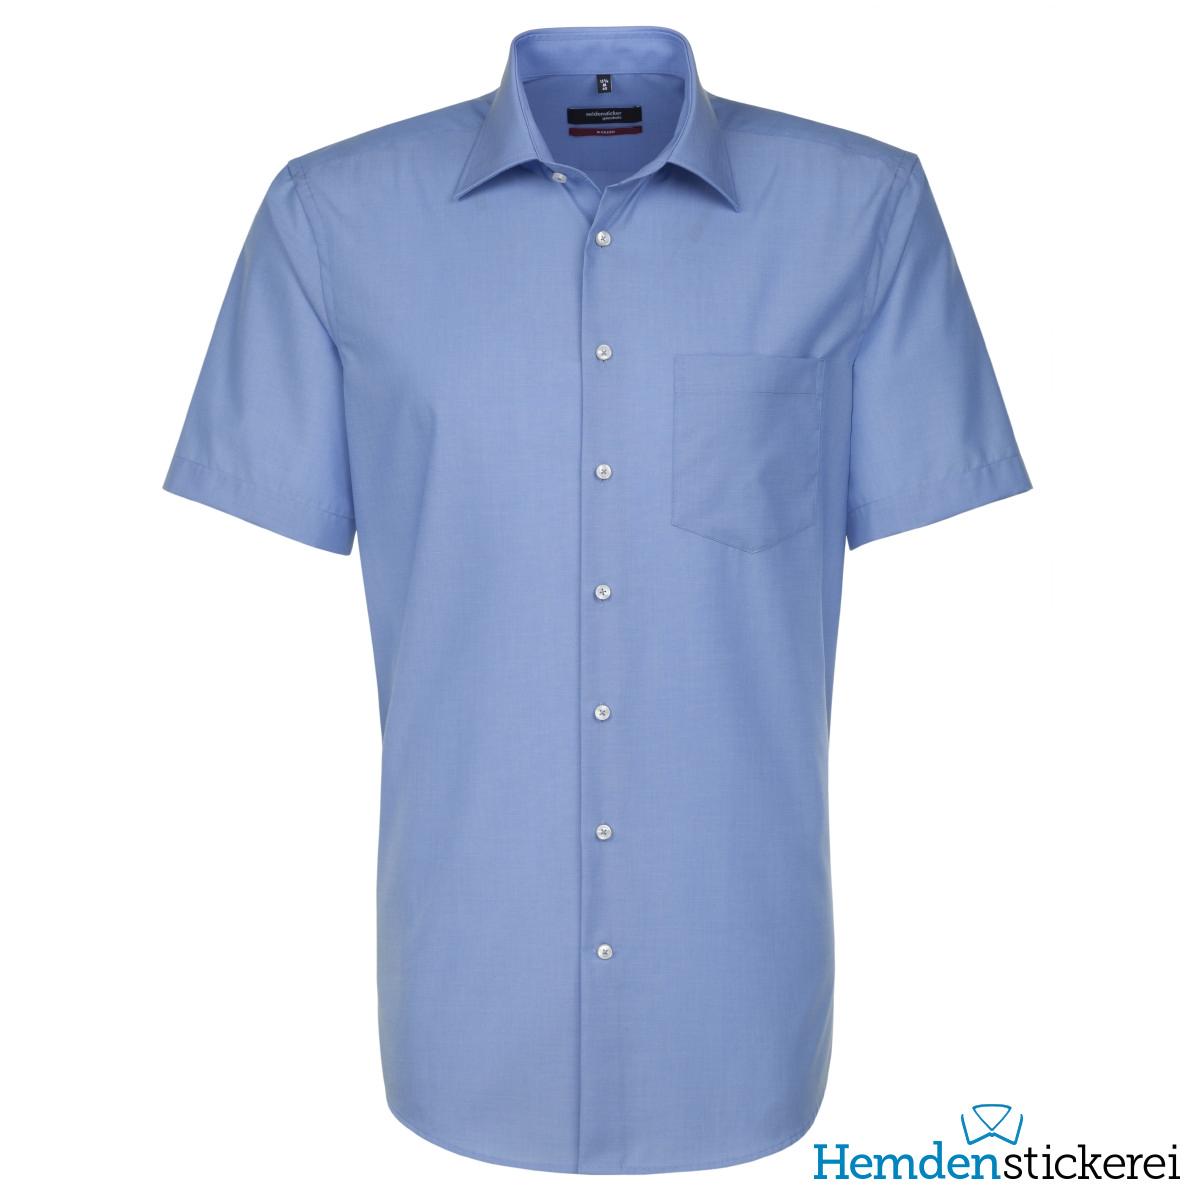 100% Baumwolle Kent Kragen & Brusttasche Bügelfreies Hemd